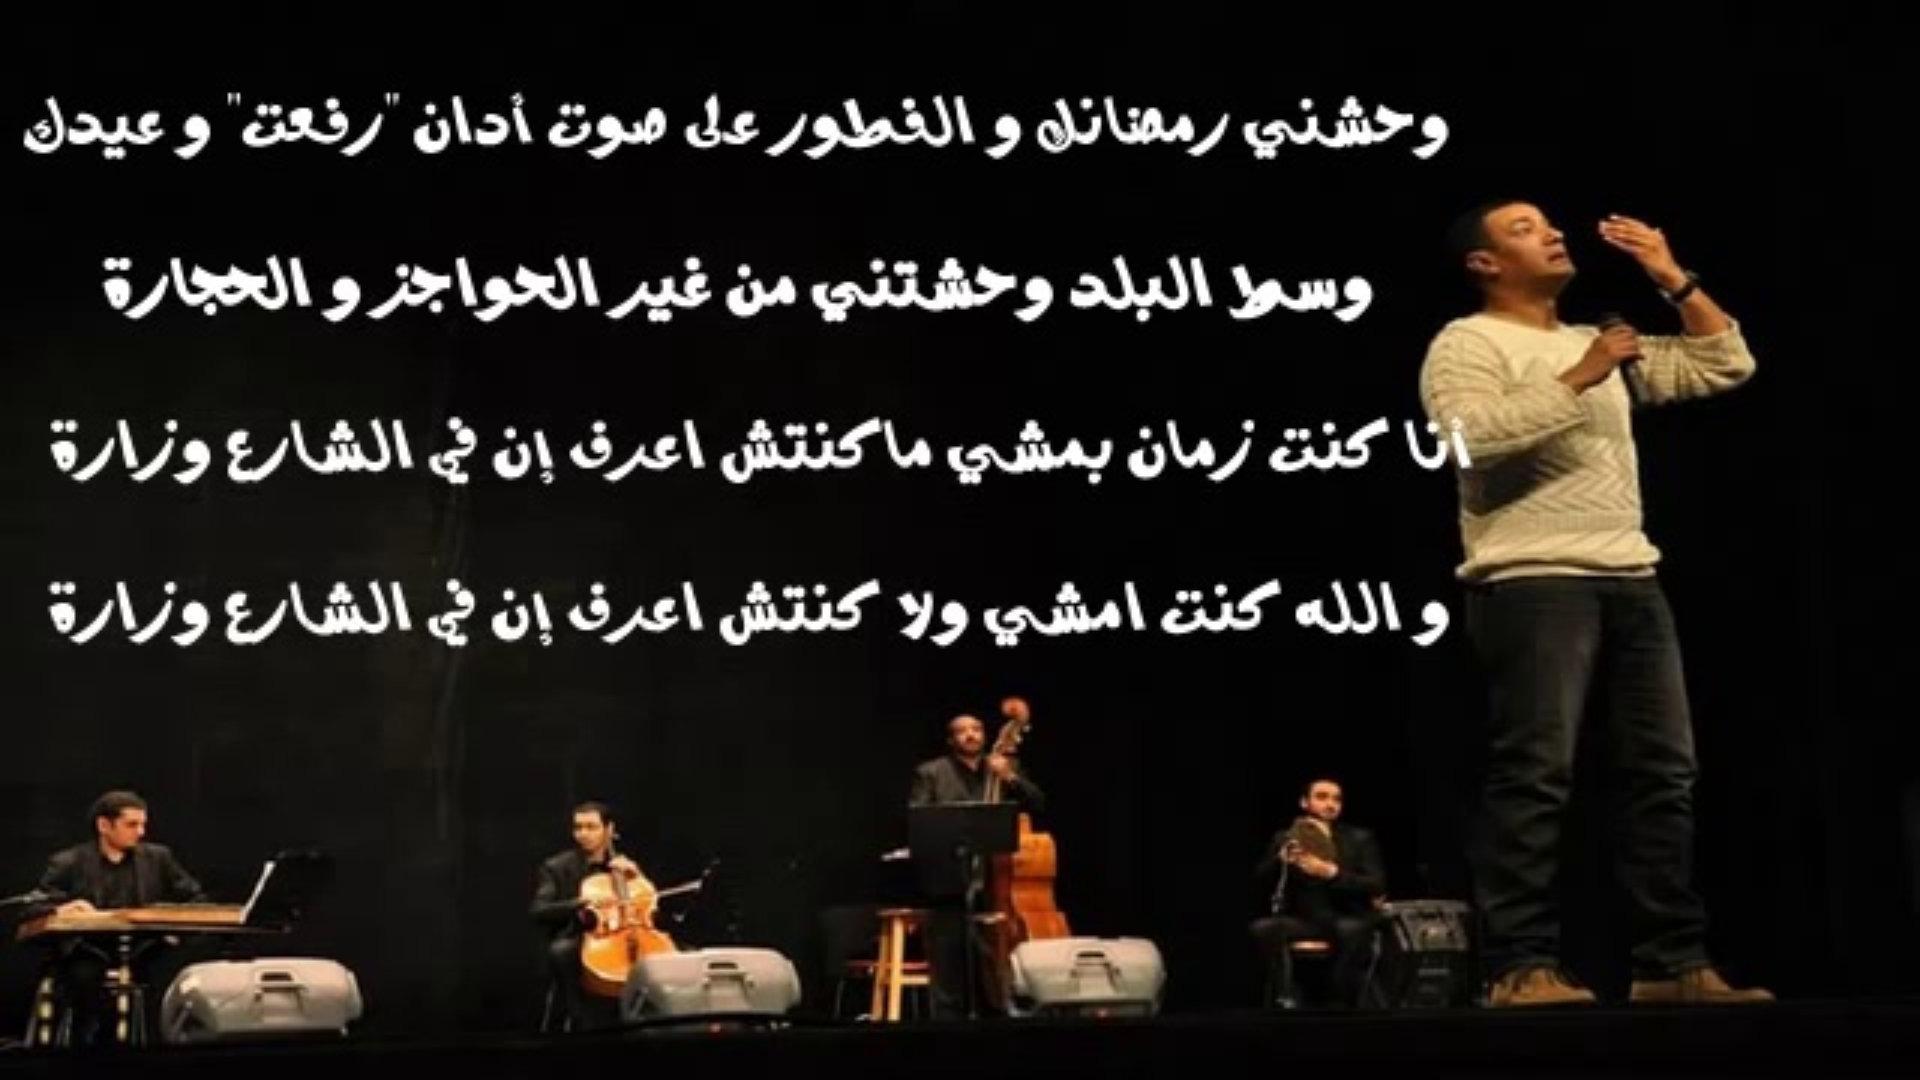 بالصور قصائد هشام الجخ , اجمل اشعار هشام الجخ 4162 2